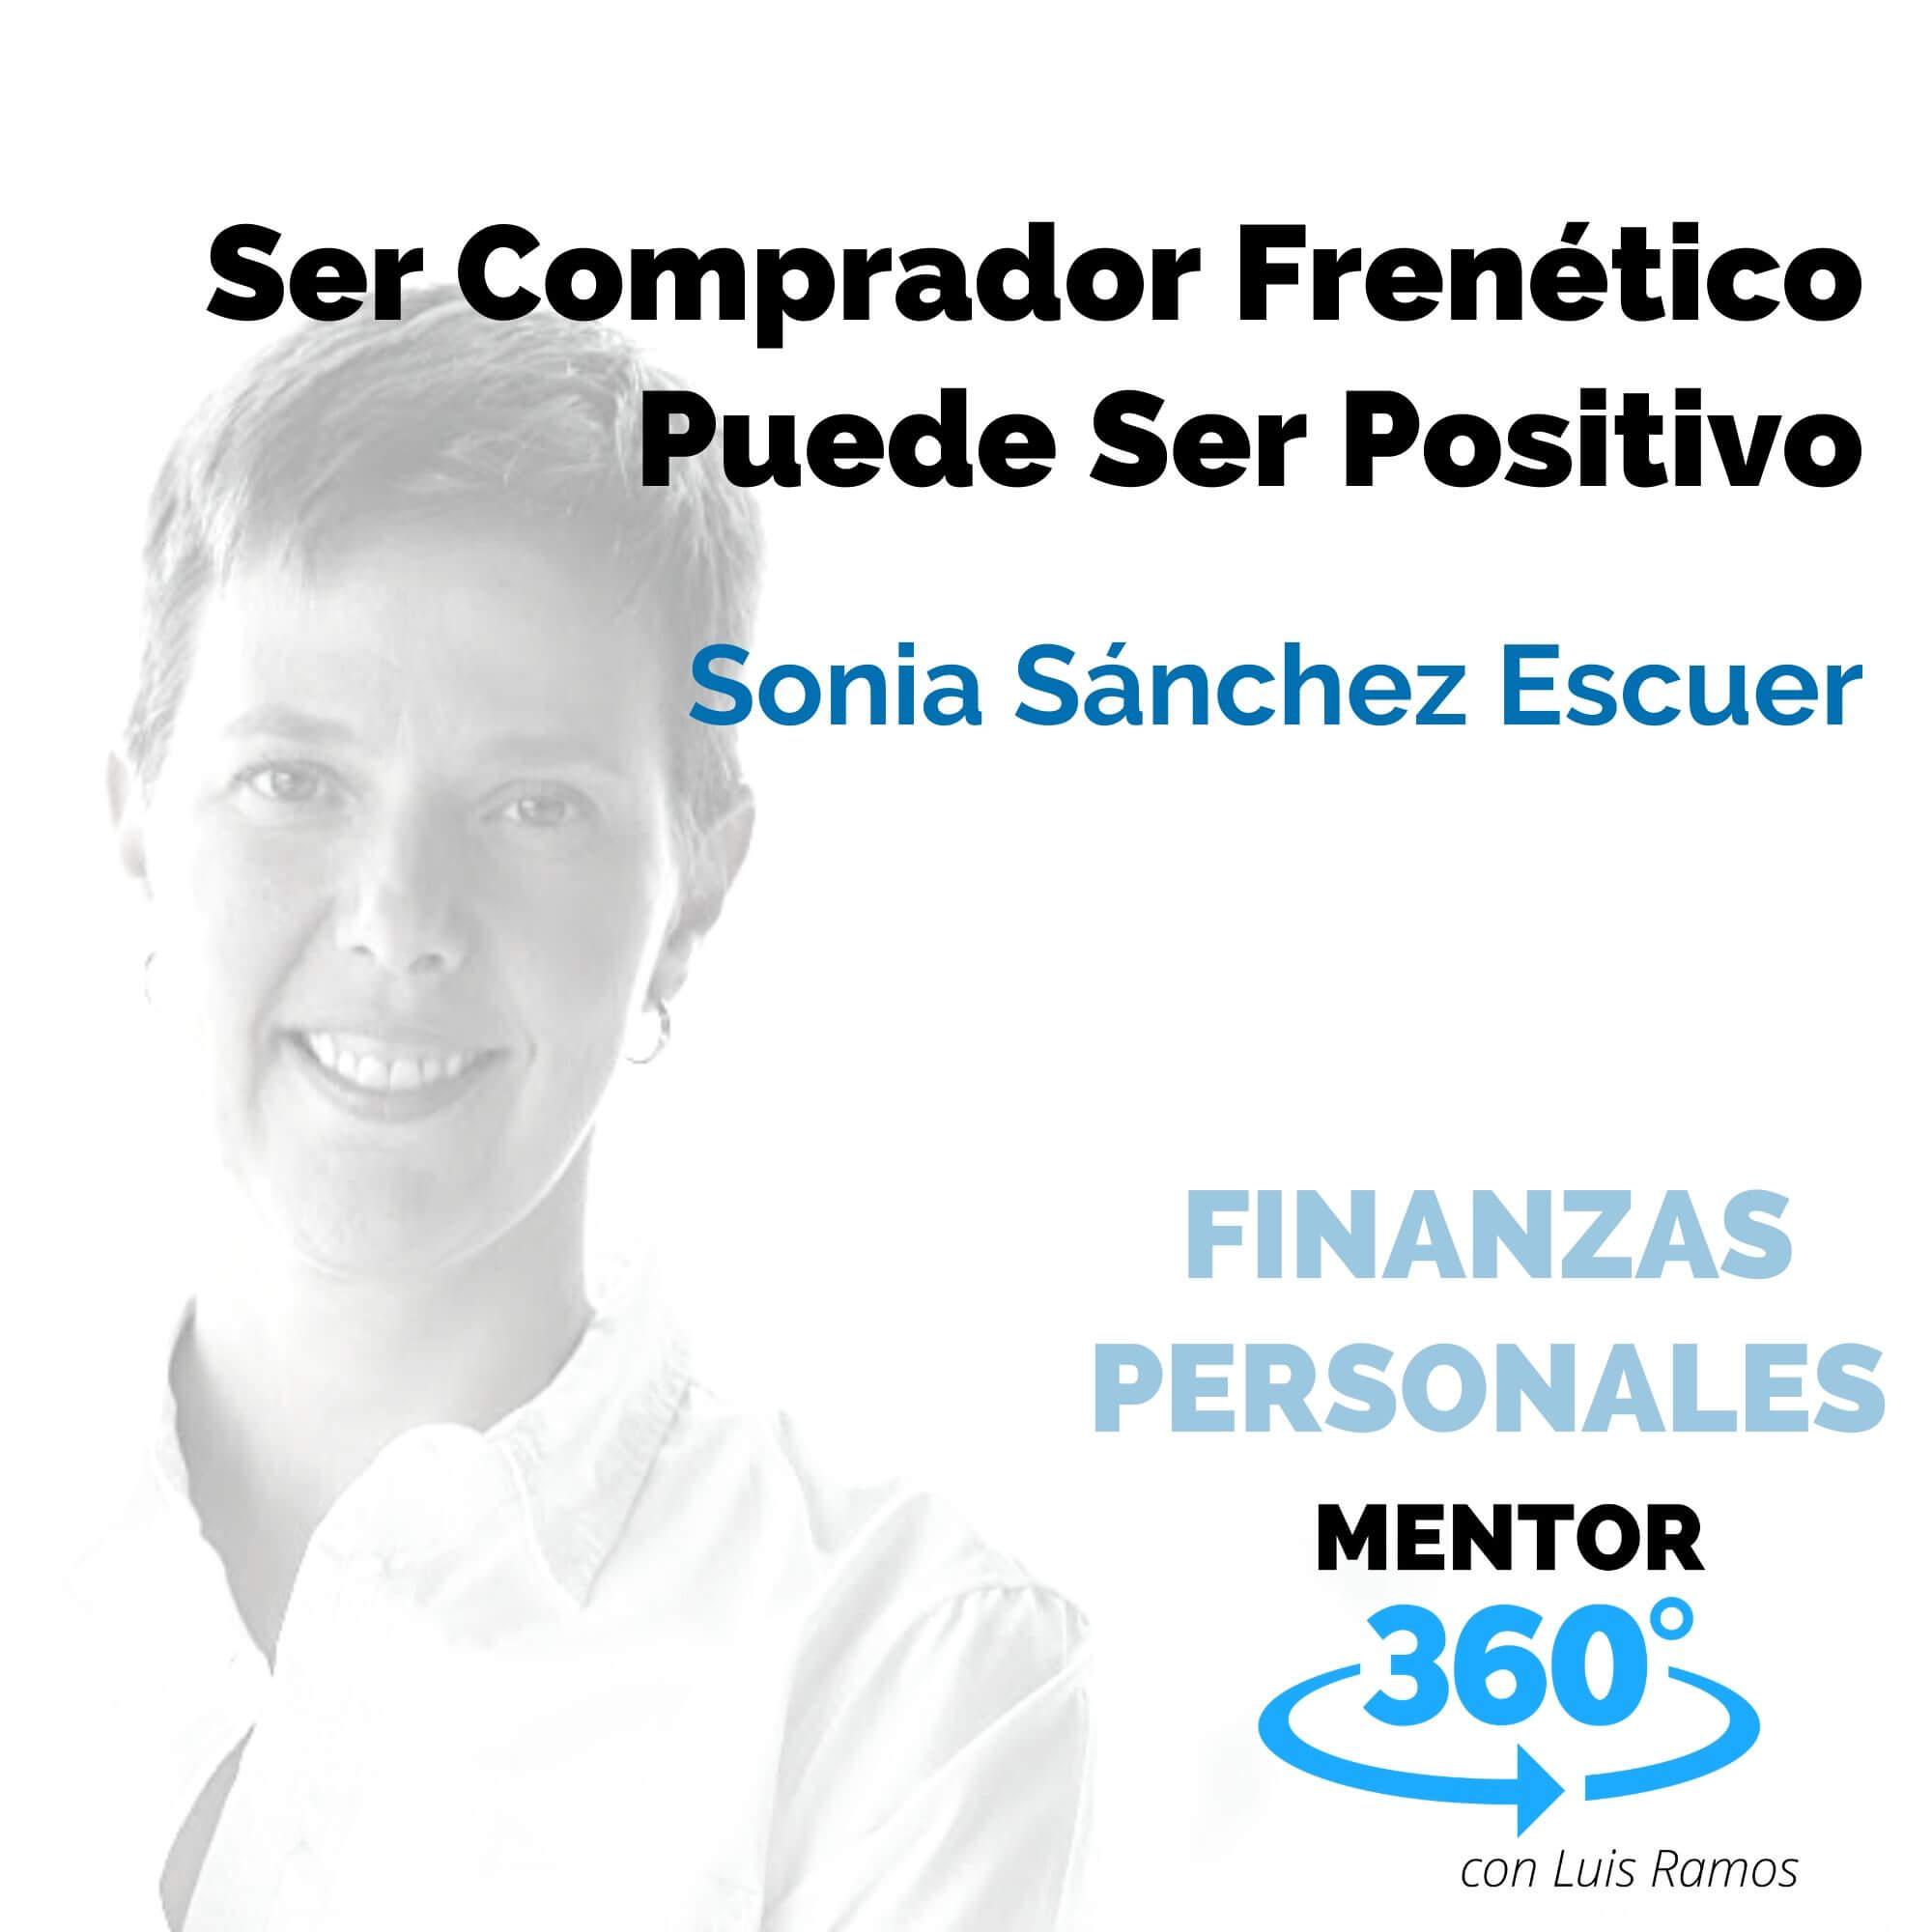 Ser un Comprador Frenético Puede Ser Positivo, con Sonia Sánchez Escuer - FINANZAS PERSONALES